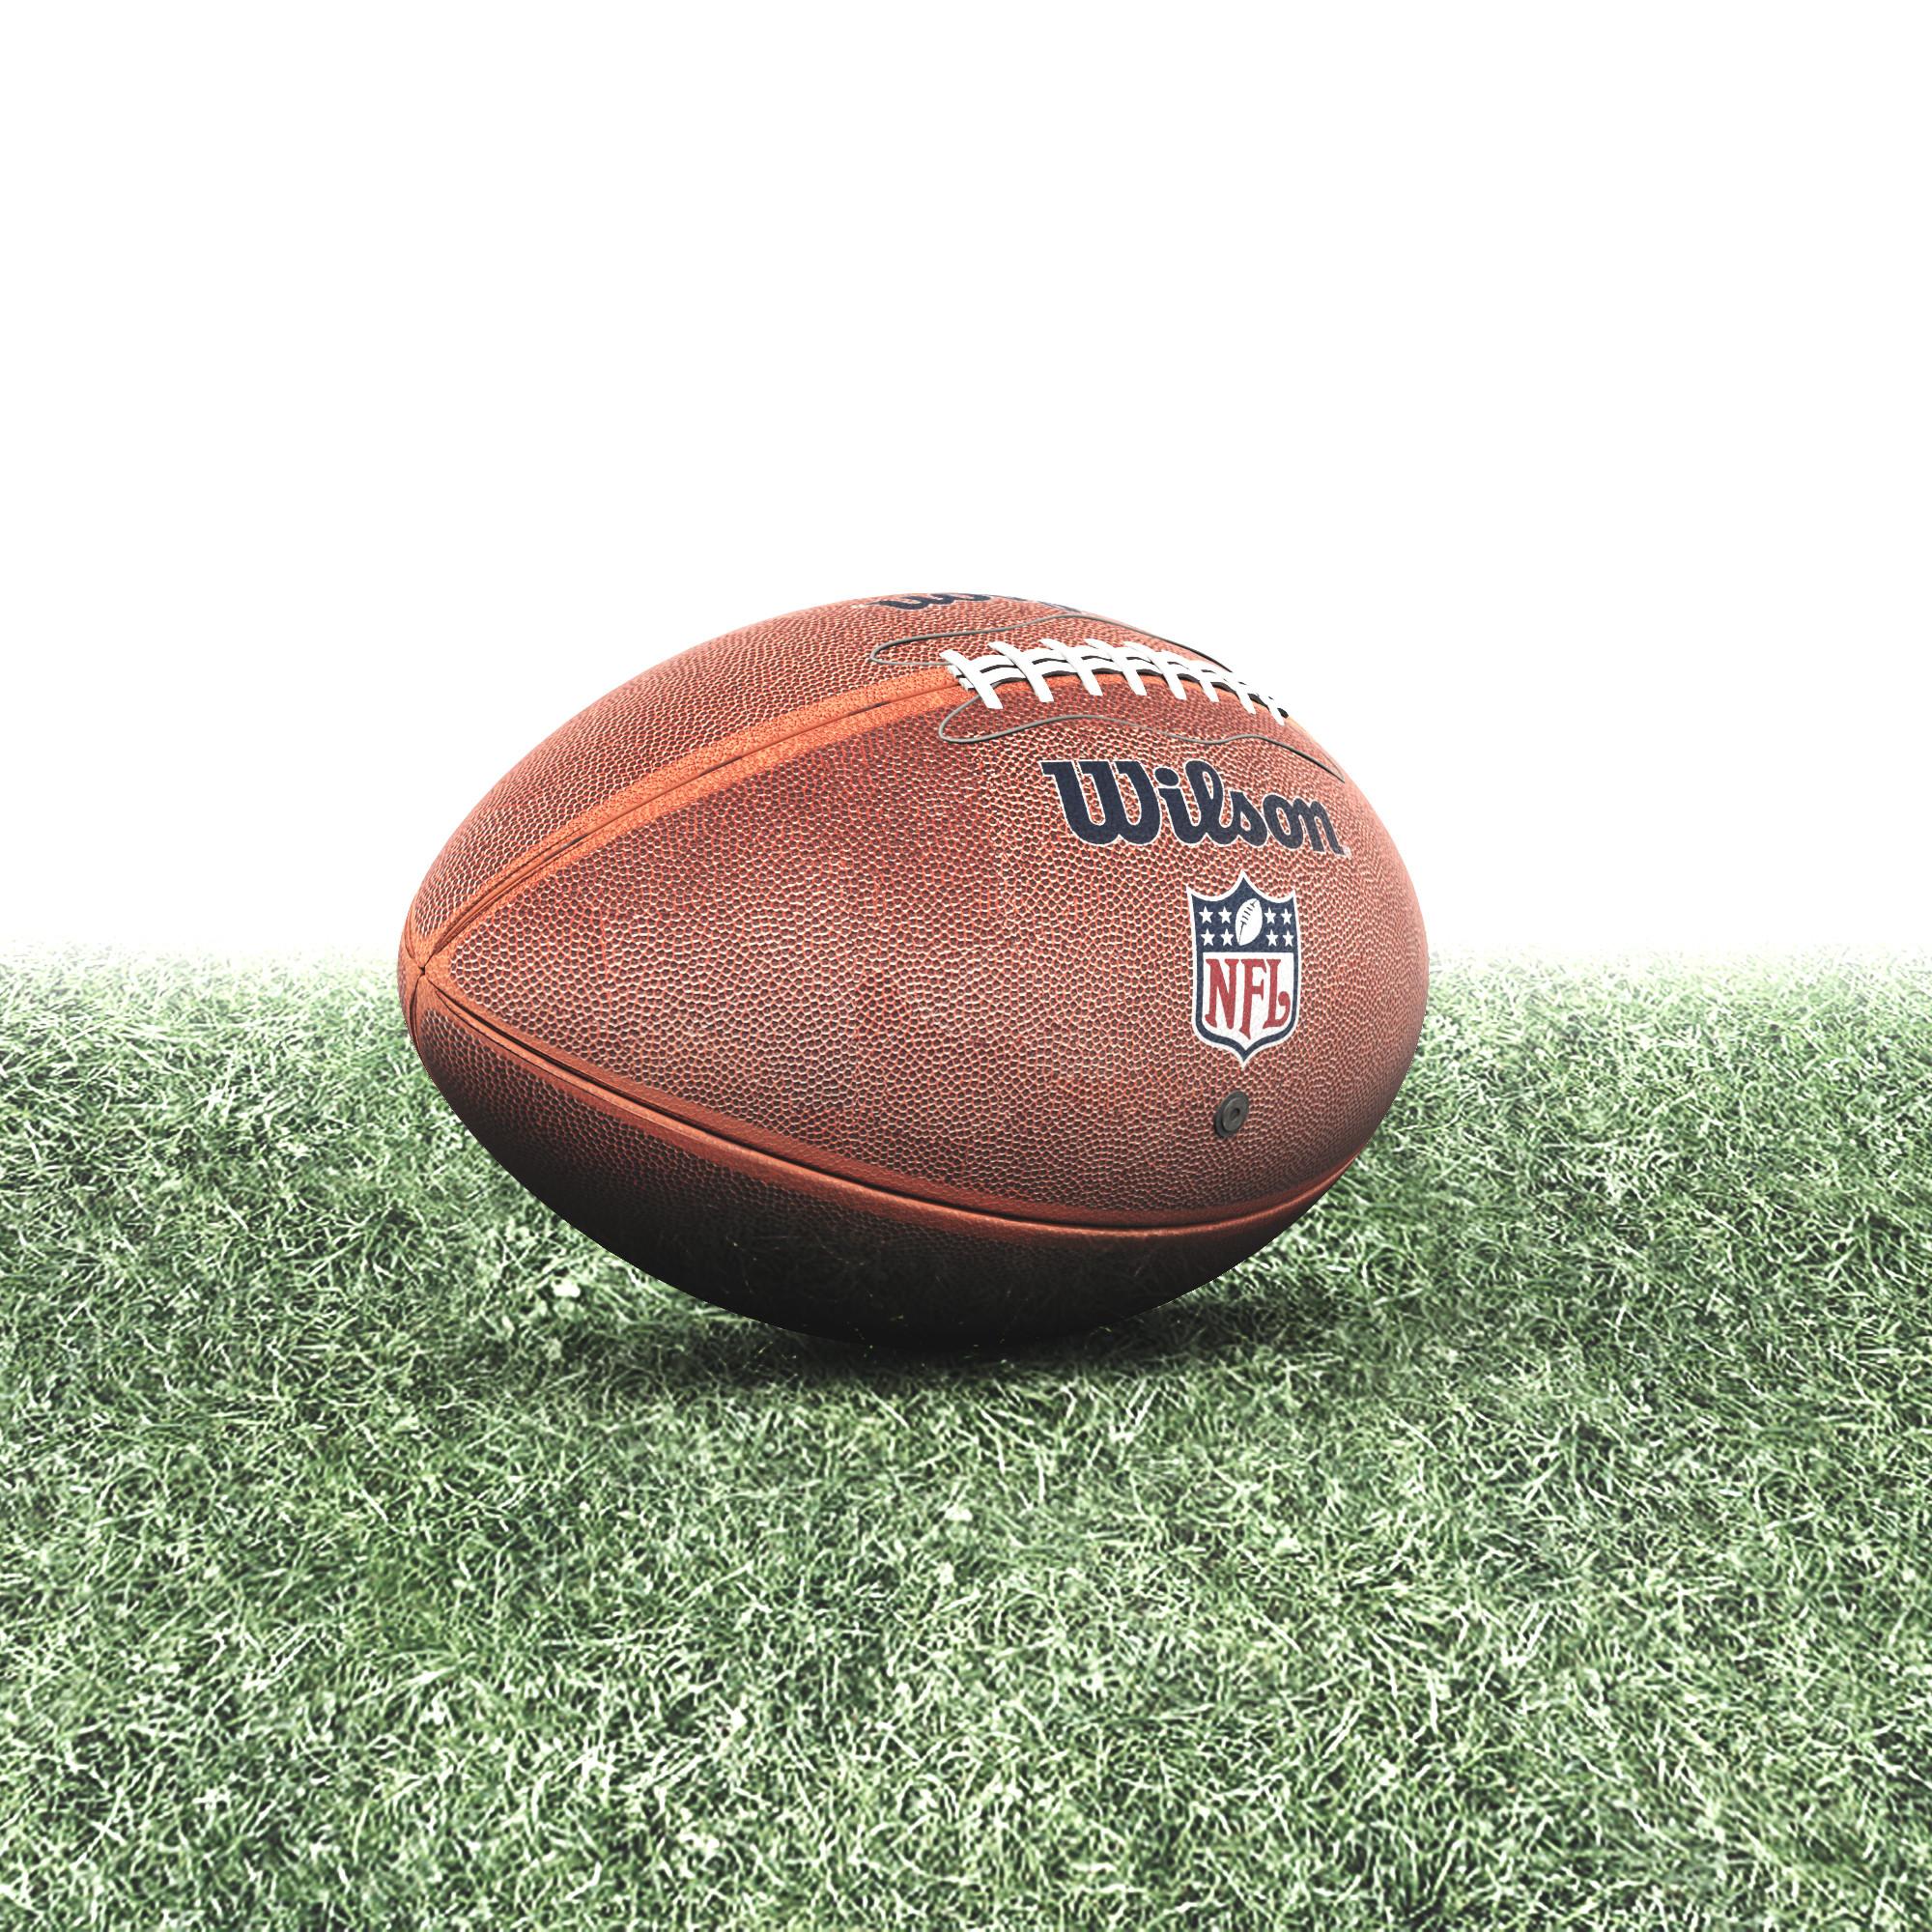 American Football Angle.jpg